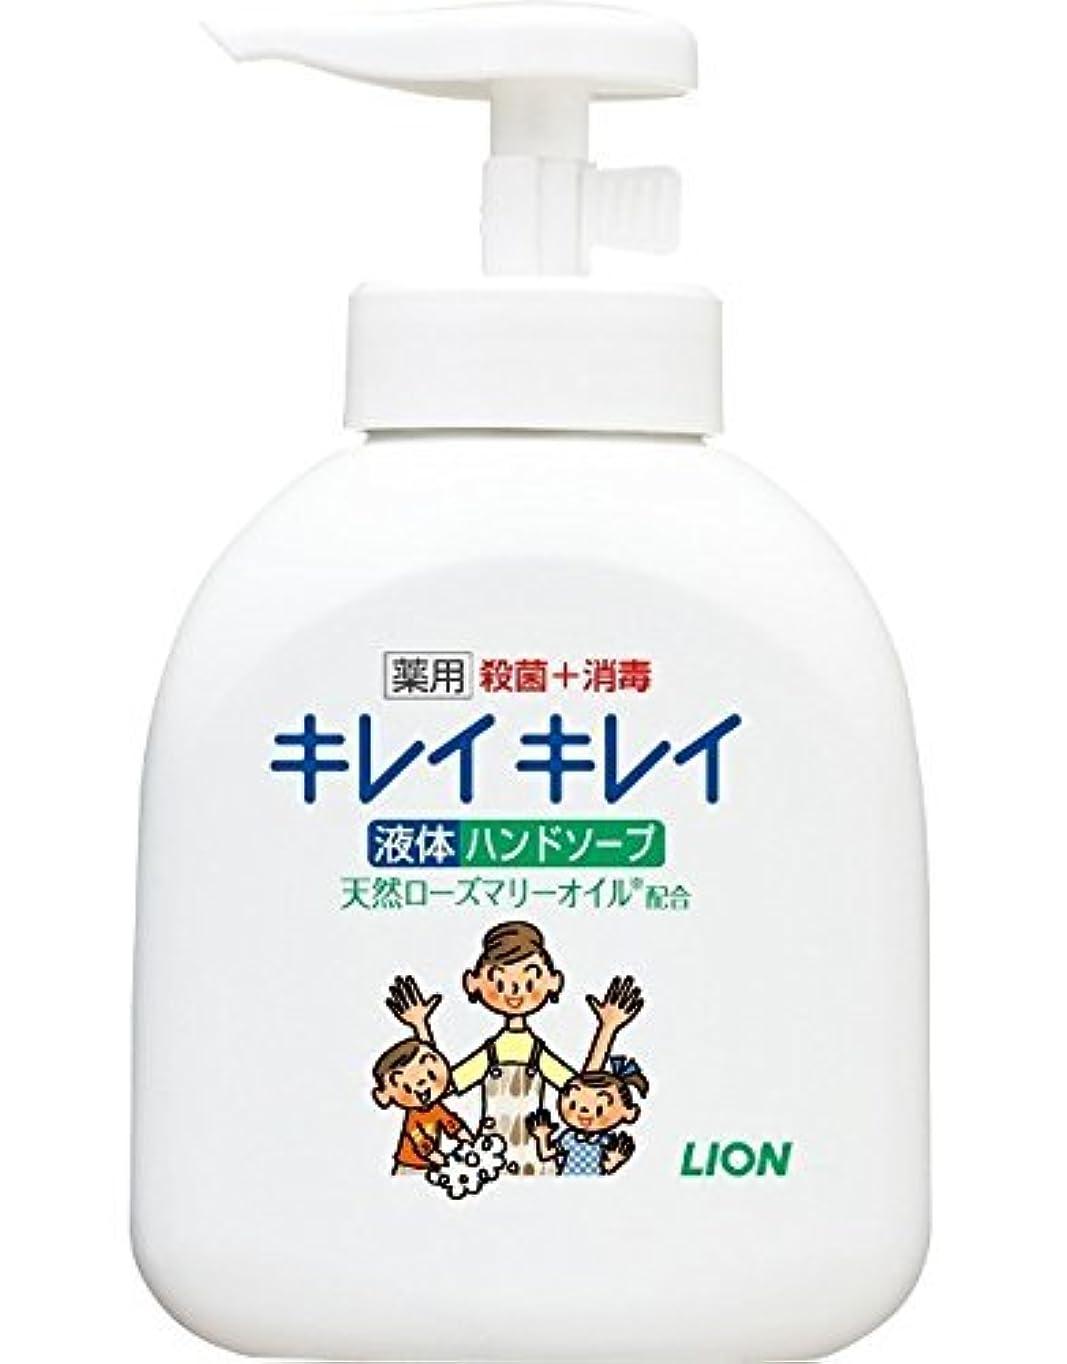 大事にする電化する私たちのもの【ライオン】キレイキレイ薬用液体ハンドソープ 本体ポンプ 250ml ×20個セット